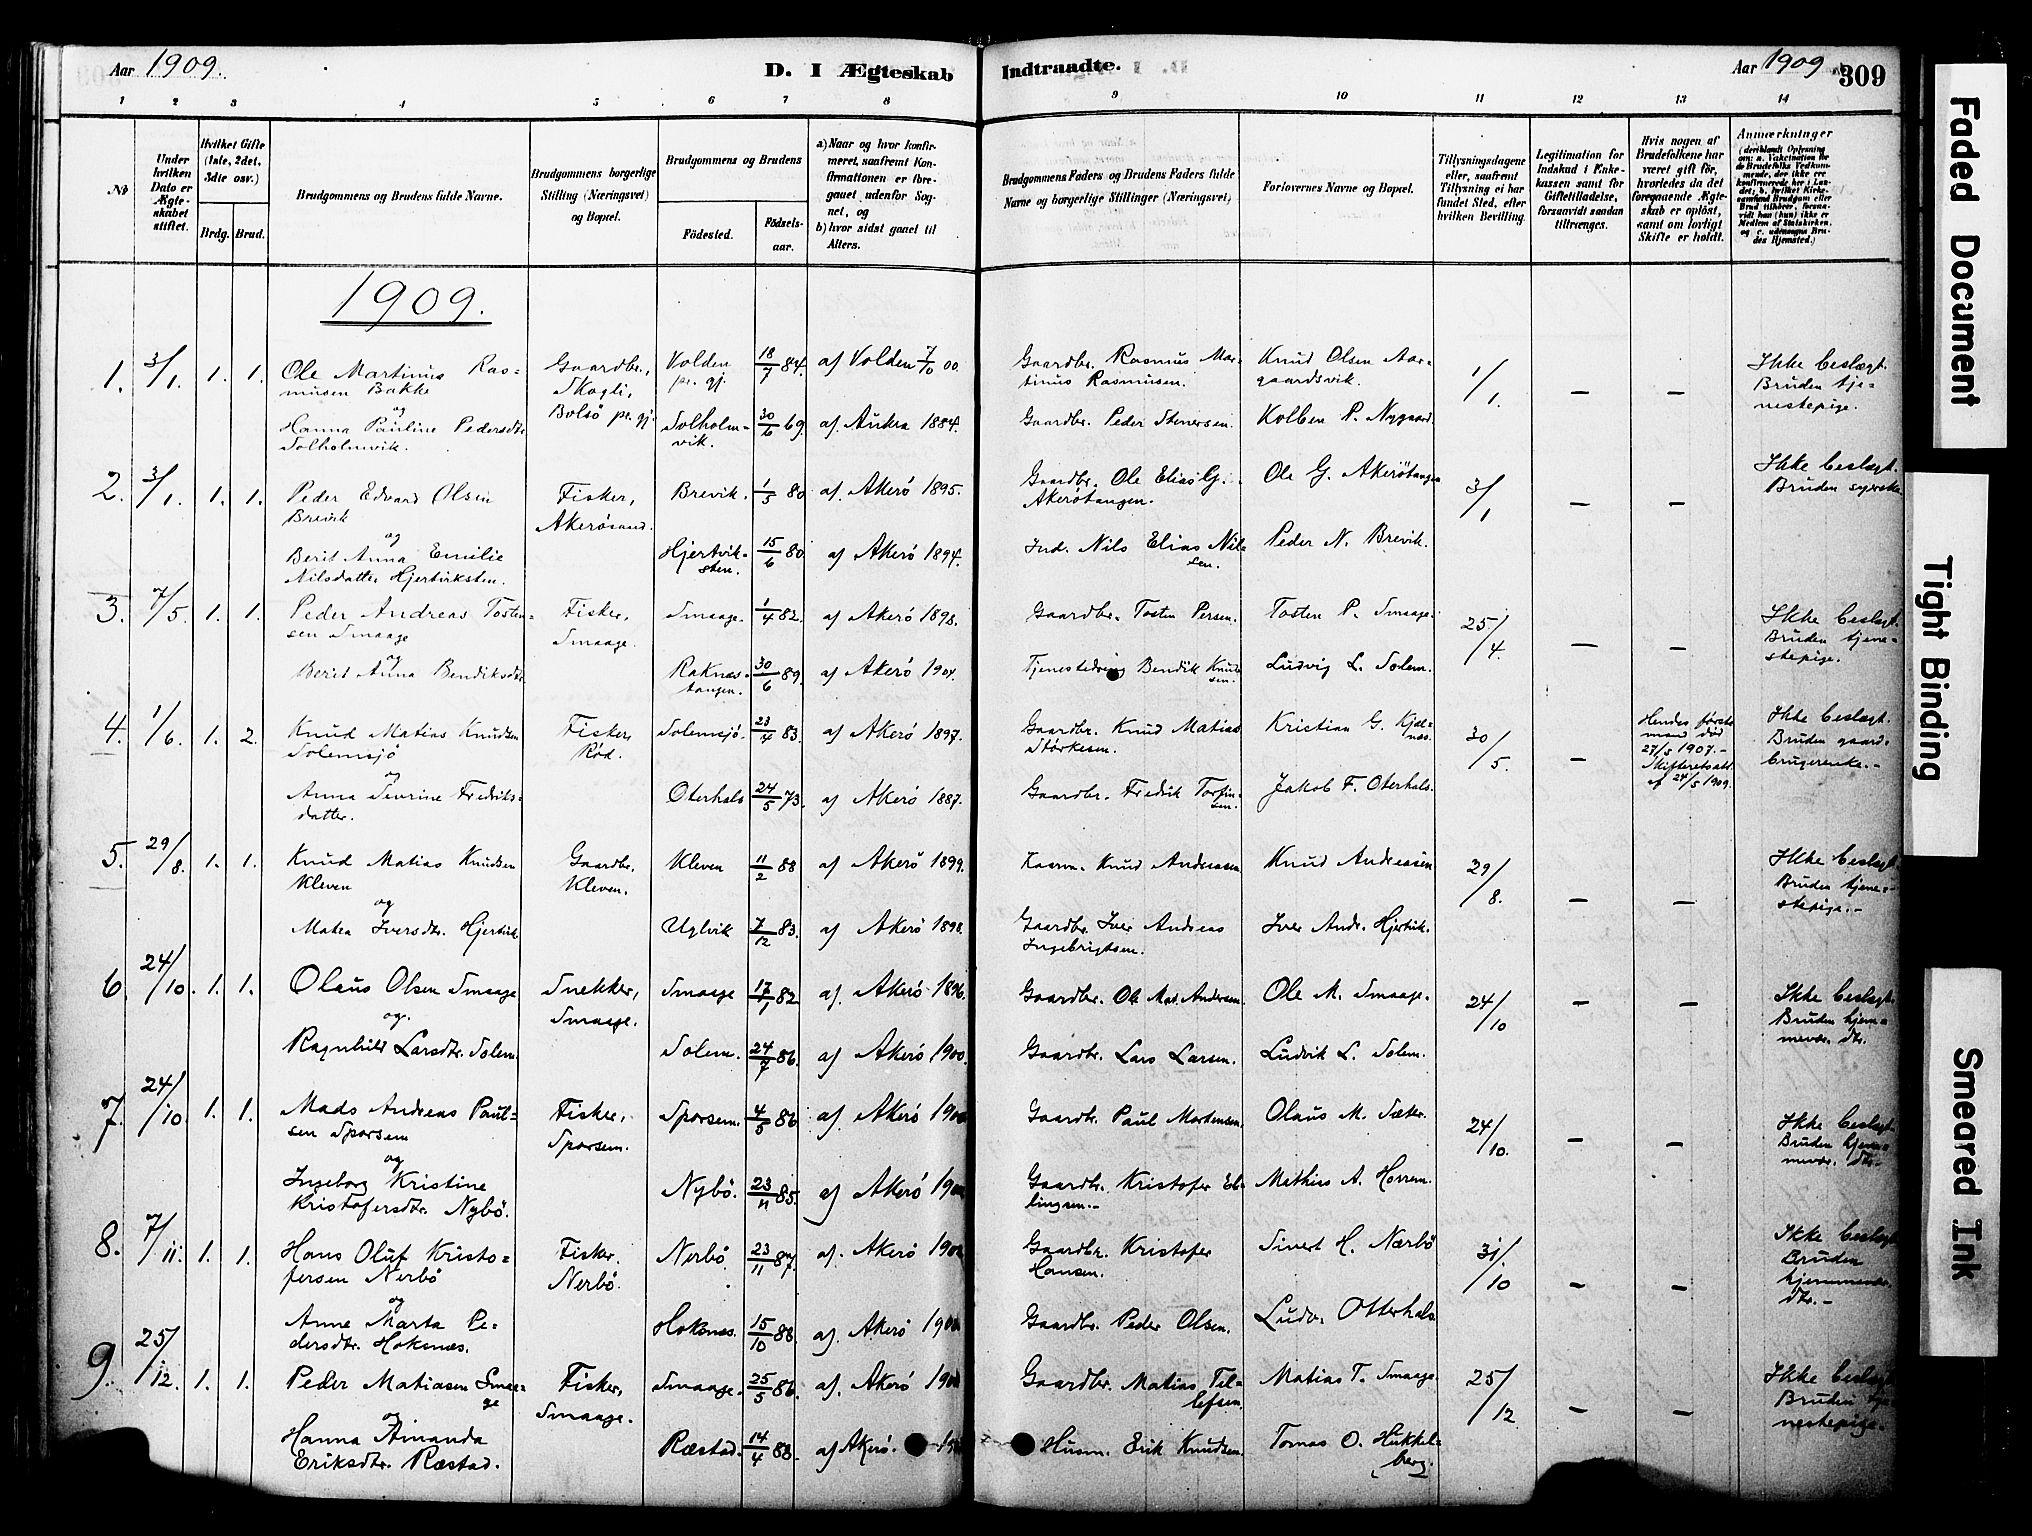 SAT, Ministerialprotokoller, klokkerbøker og fødselsregistre - Møre og Romsdal, 560/L0721: Ministerialbok nr. 560A05, 1878-1917, s. 309